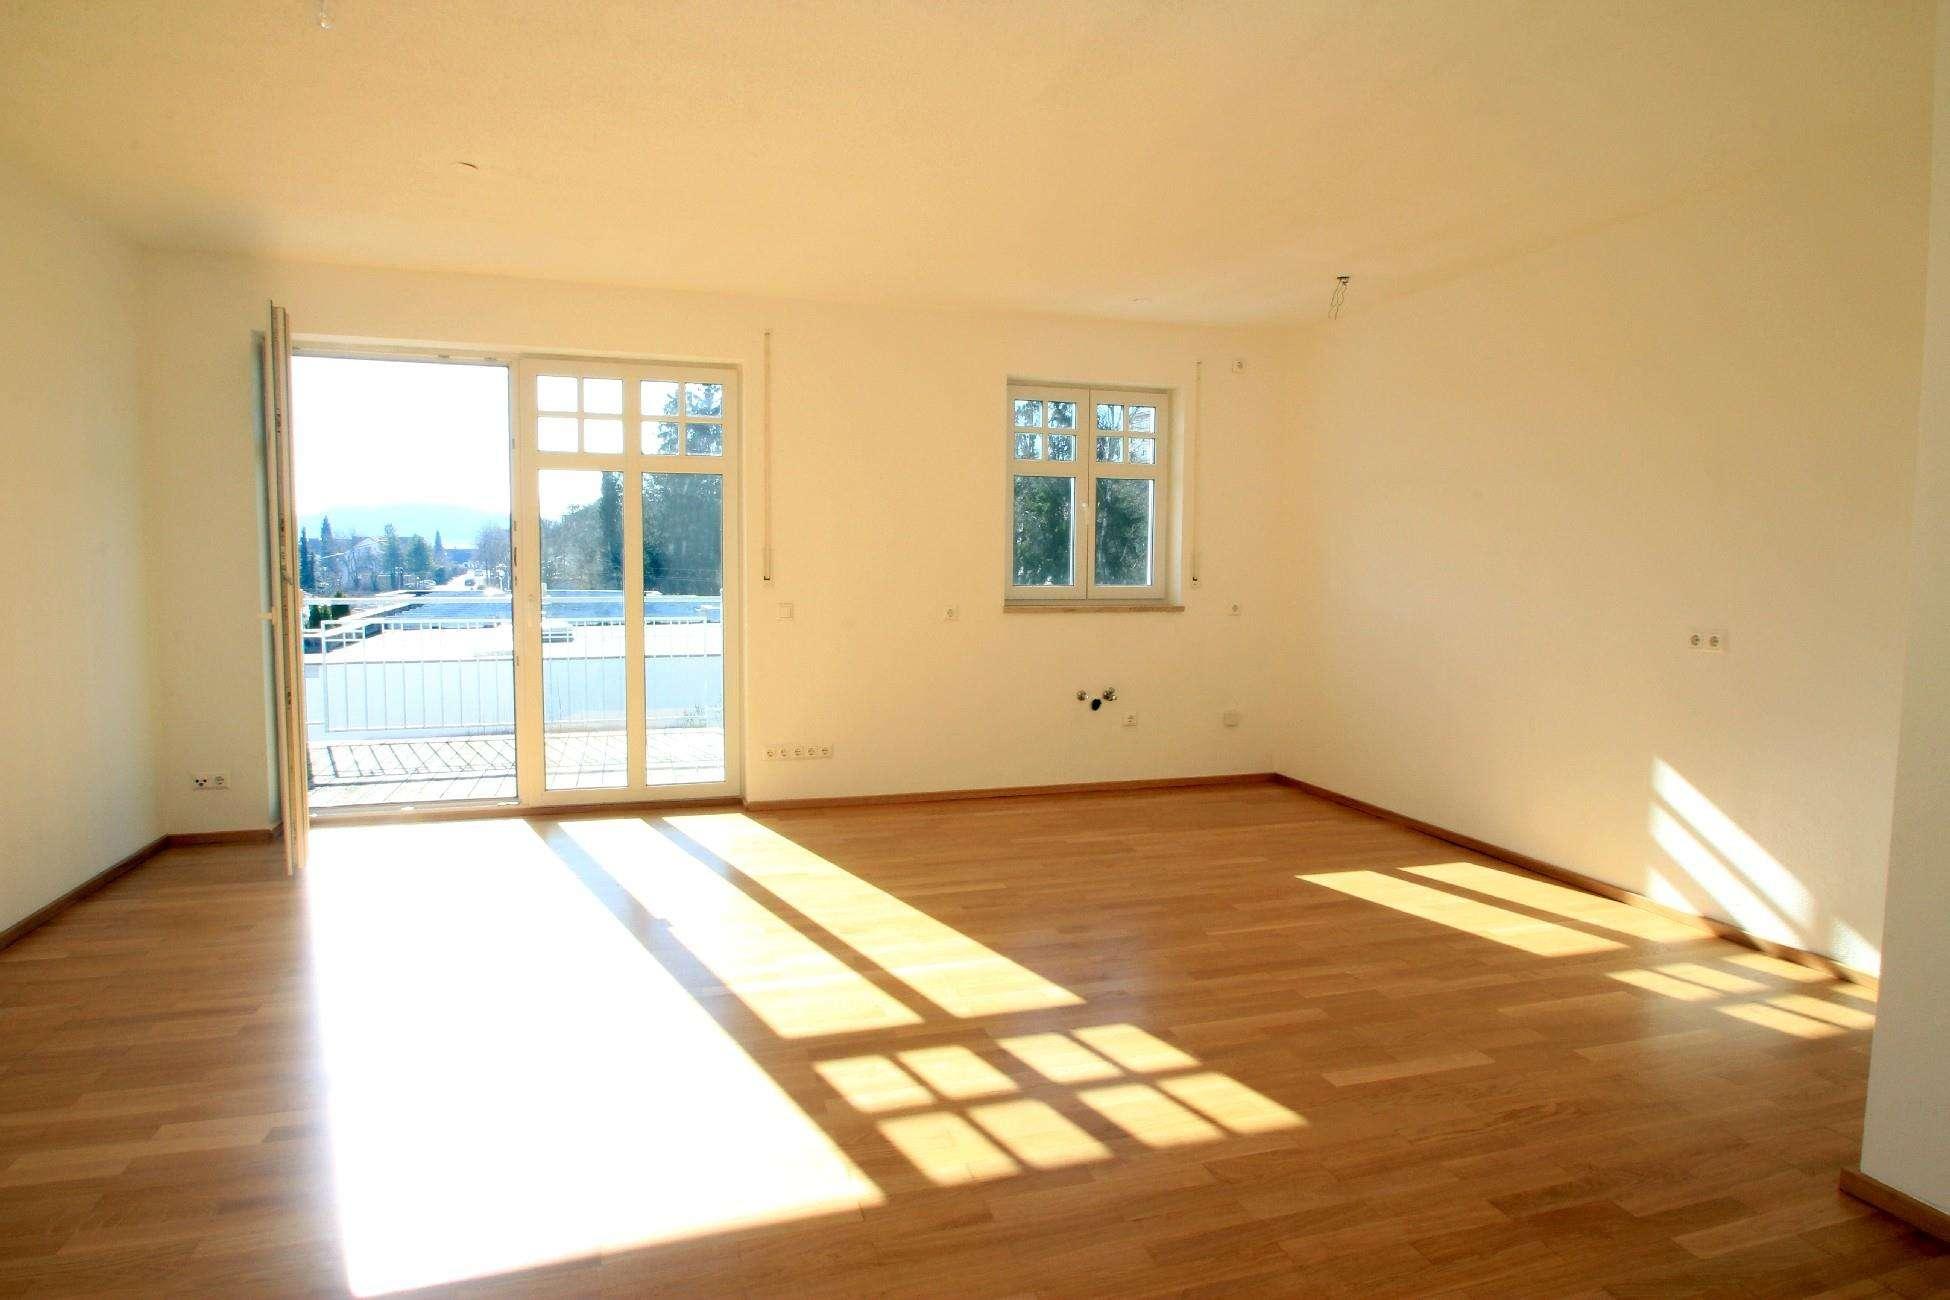 Schöner Wohnen - 3-Zimmerwohnung mit XXL-Balkon in Krumbach (Schwaben)